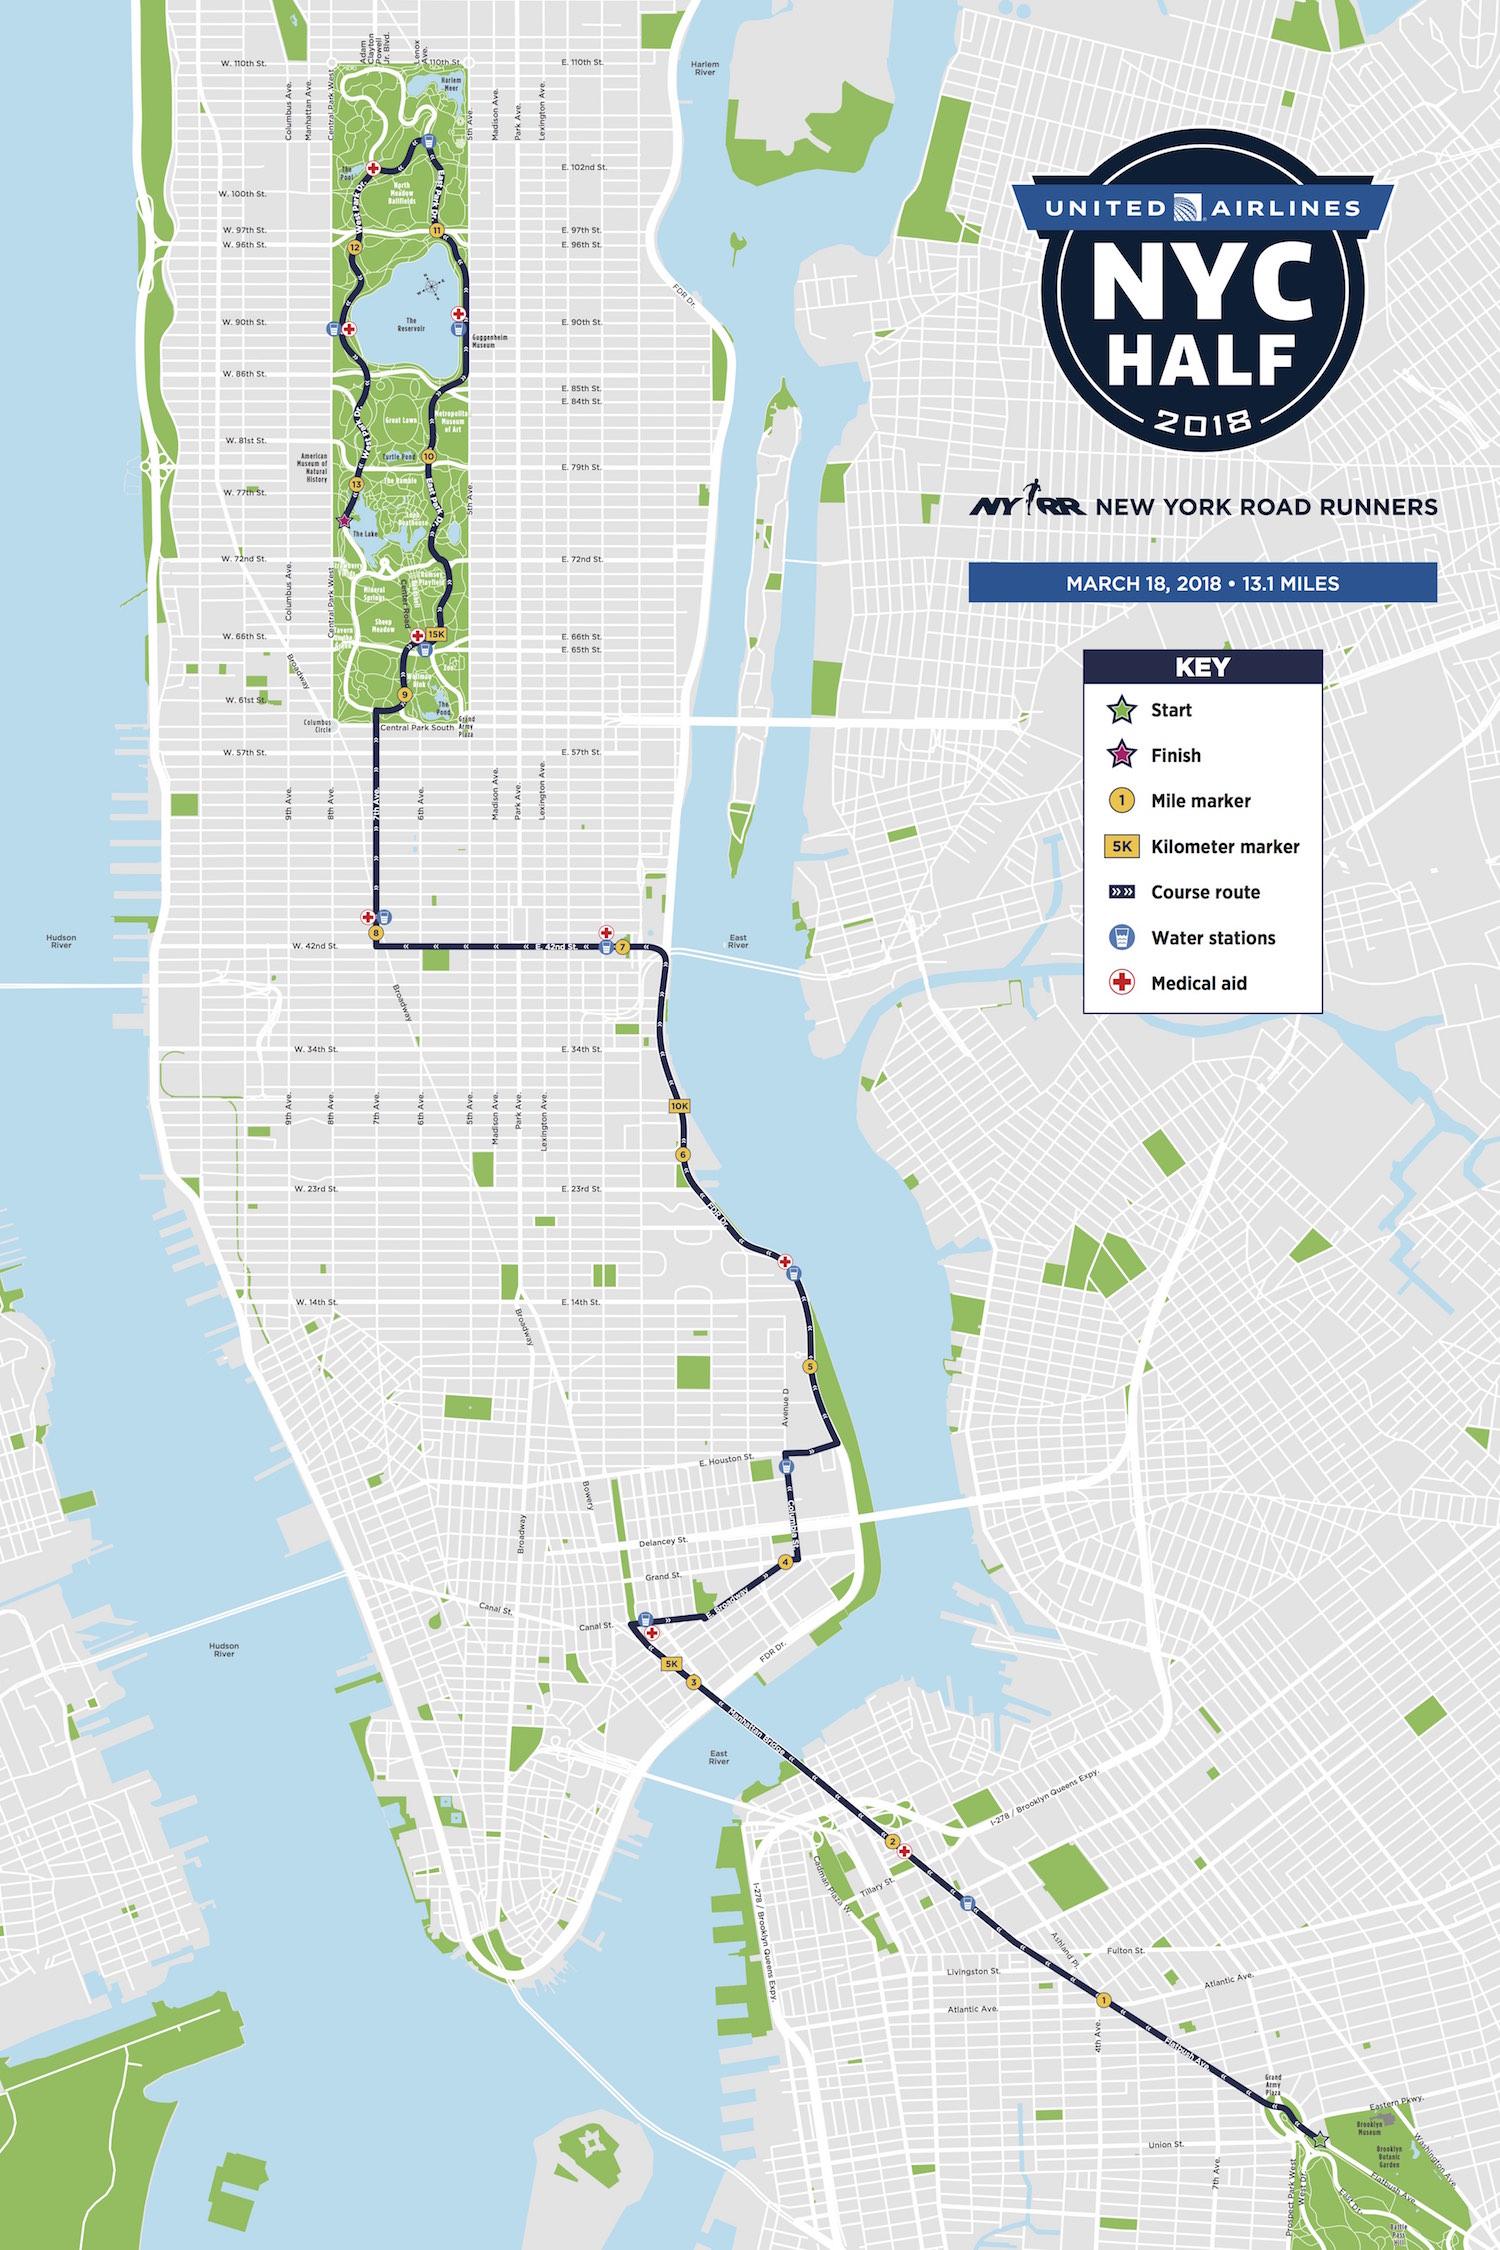 Tribeca Citizen | NYC Half Marathon to Bypass Lower Manhattan